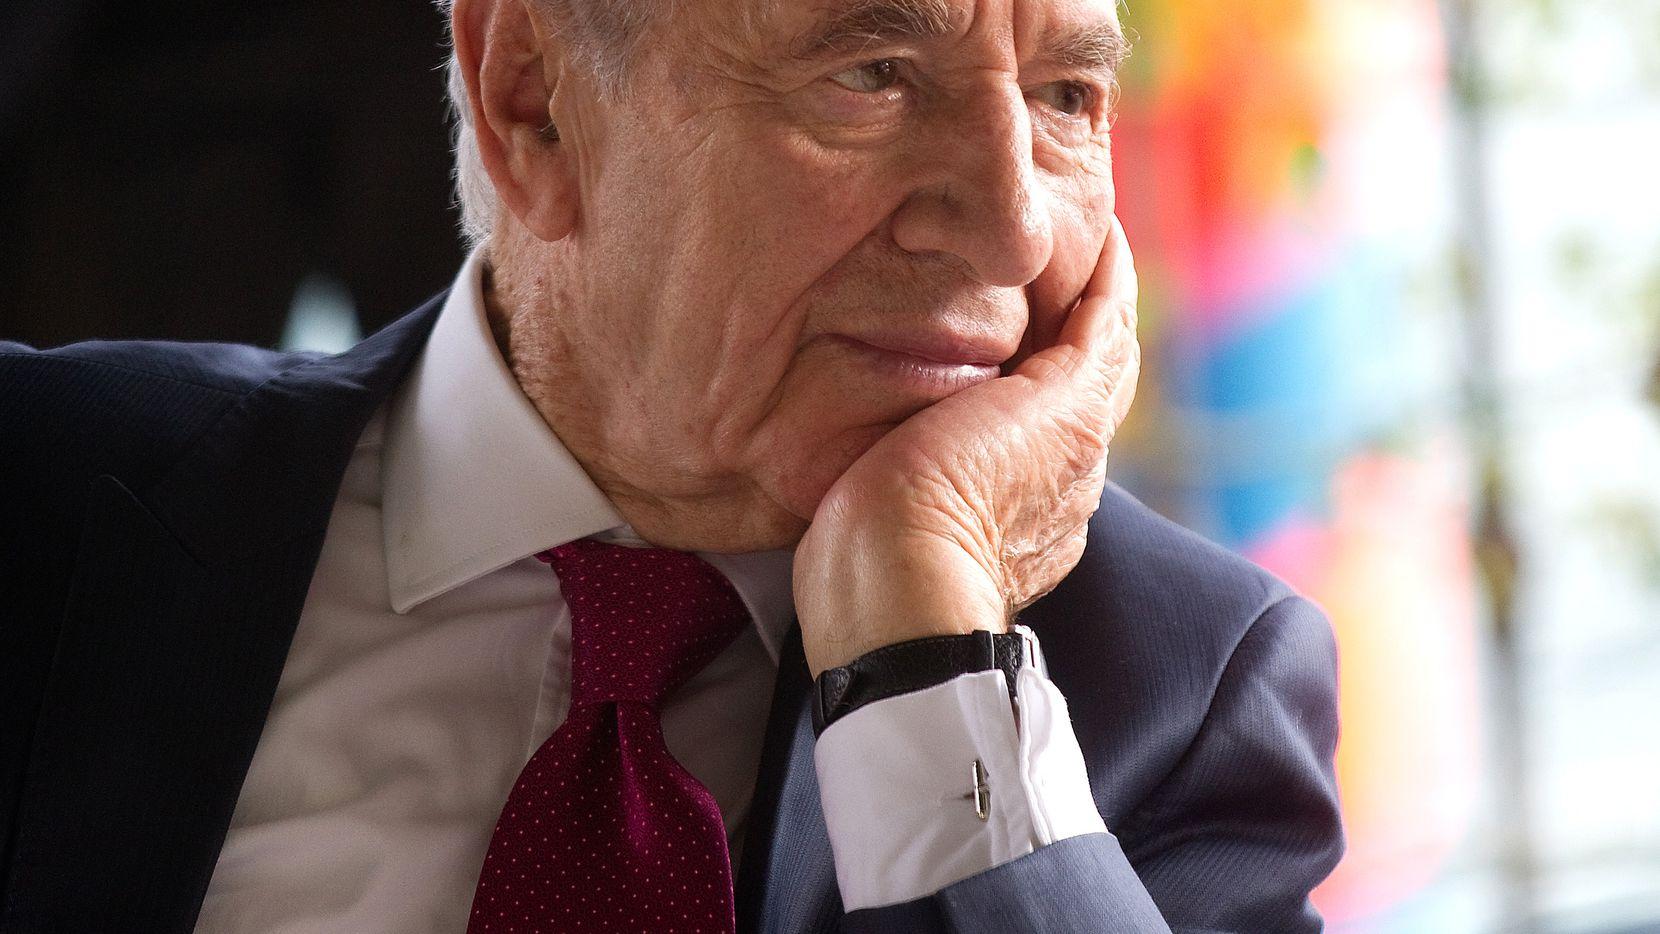 Shimon Peres durante una reunión en Italia en 2011.  (SIMON DAWSON/BLOOMBERG)